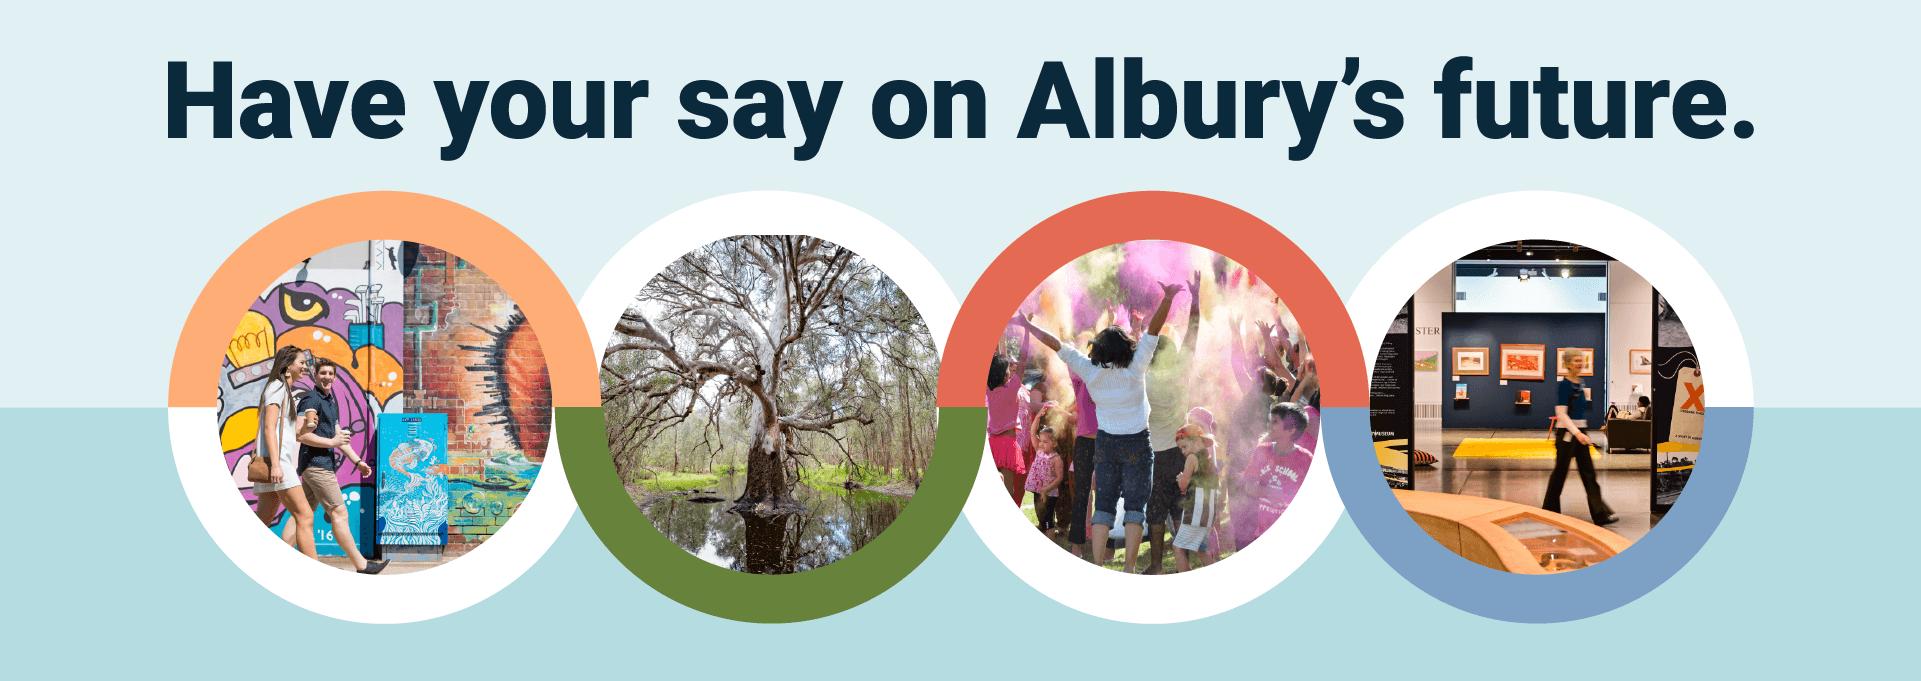 Albury 2050 Community Strategic Plan